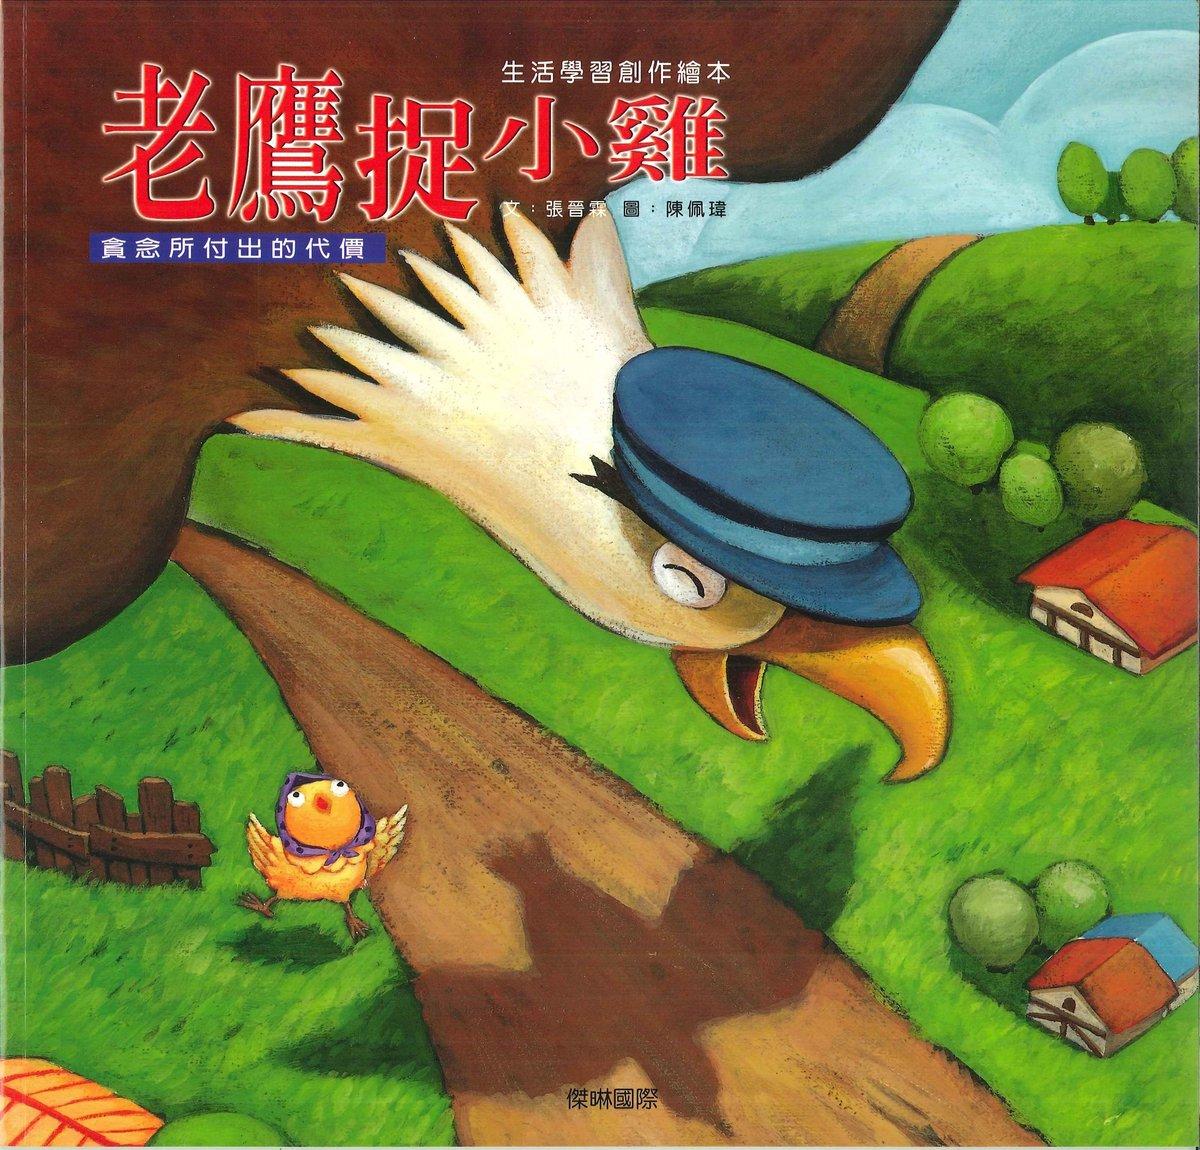 生活學習創作繪本 - 老鷹捉小雞